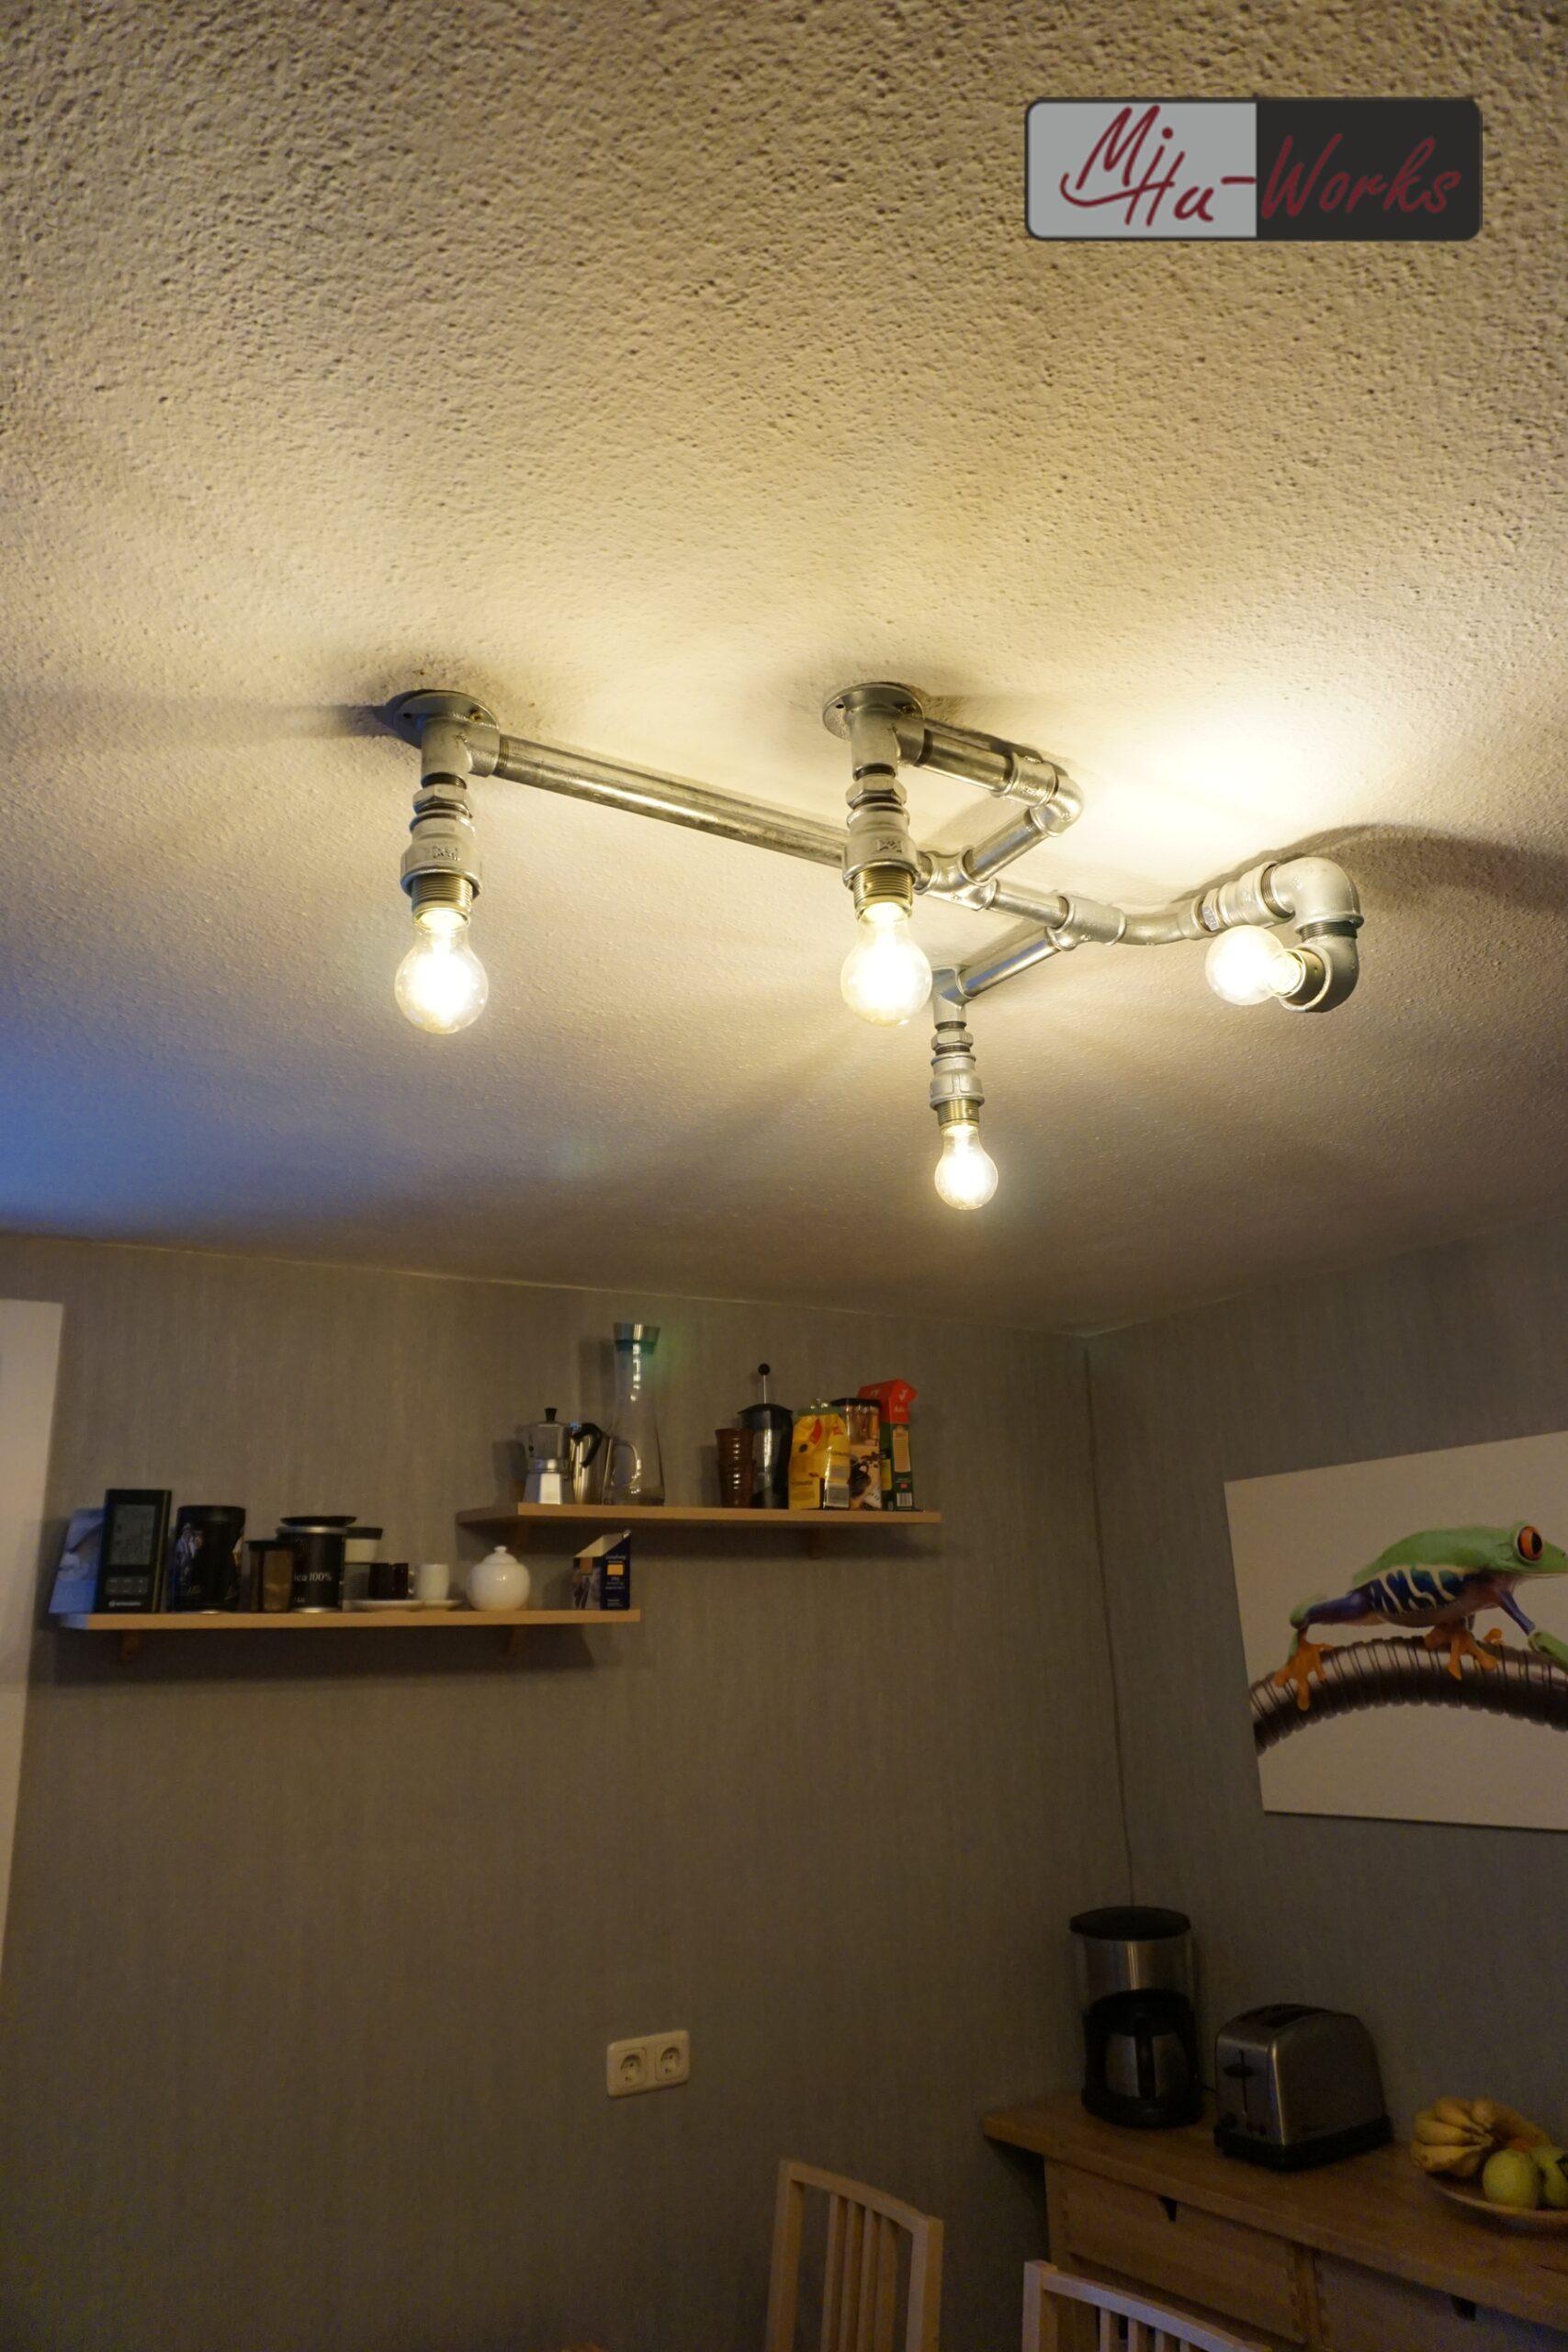 Full Size of Design Deckenlampe Aus Rohren Industrial Lighting Mihu Deckenlampen Wohnzimmer Modern Für Schlafzimmer Küche Bad Esstisch Wohnzimmer Deckenlampe Industrial